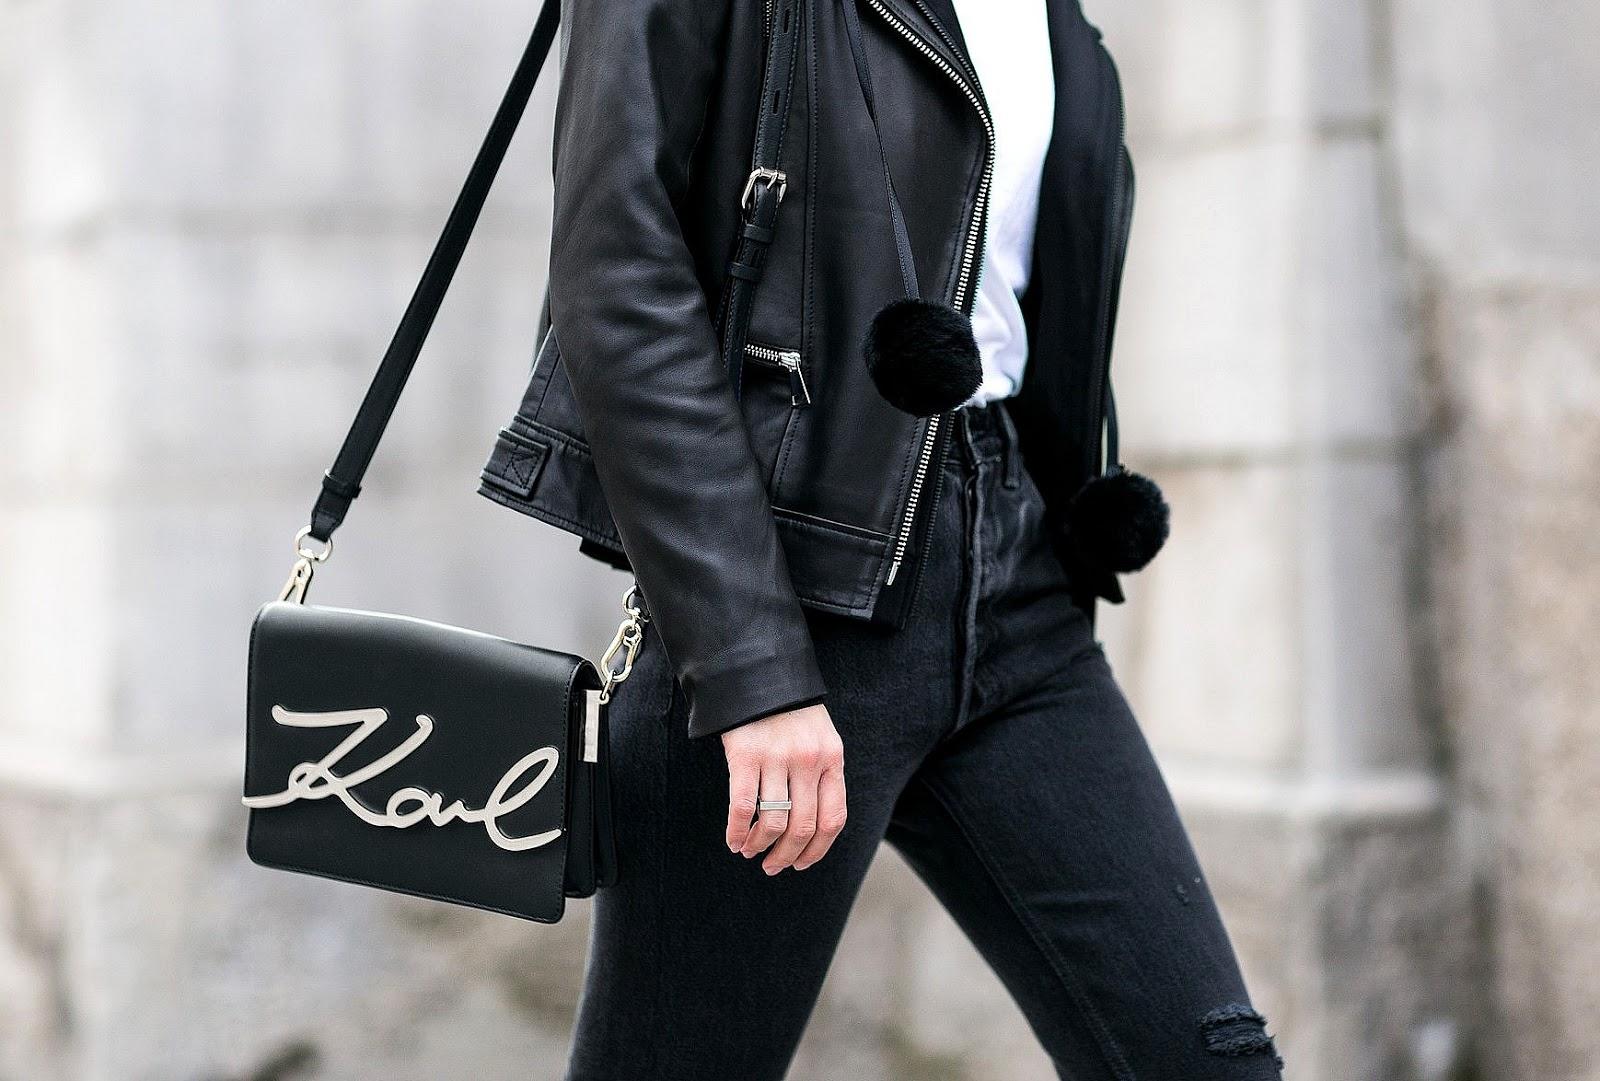 Sac-signature-Karl-Lagerfeld